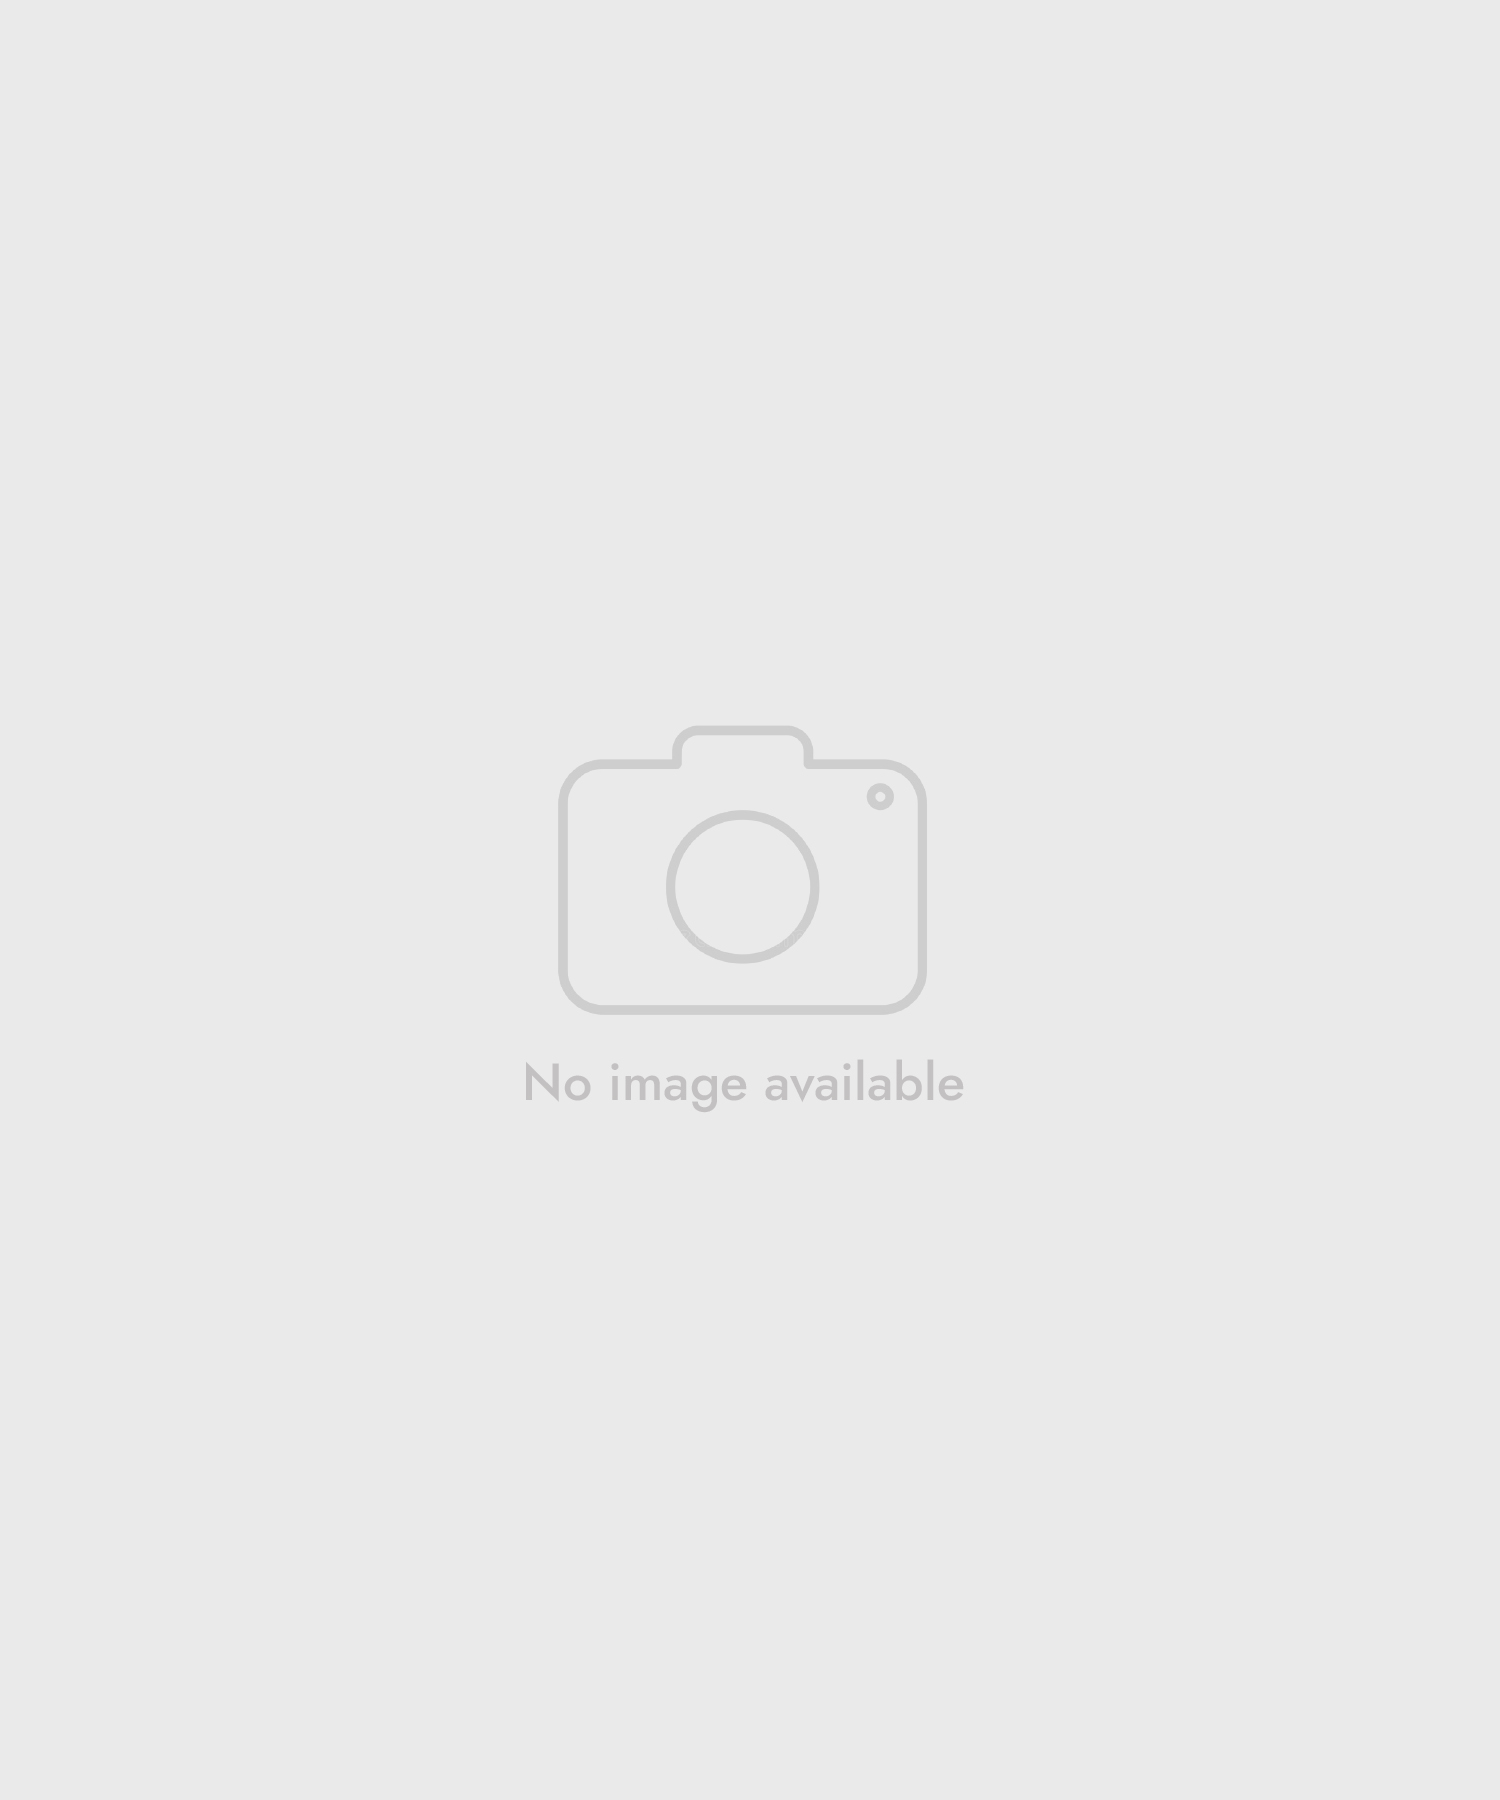 Beżowo-czarneklapki damskie